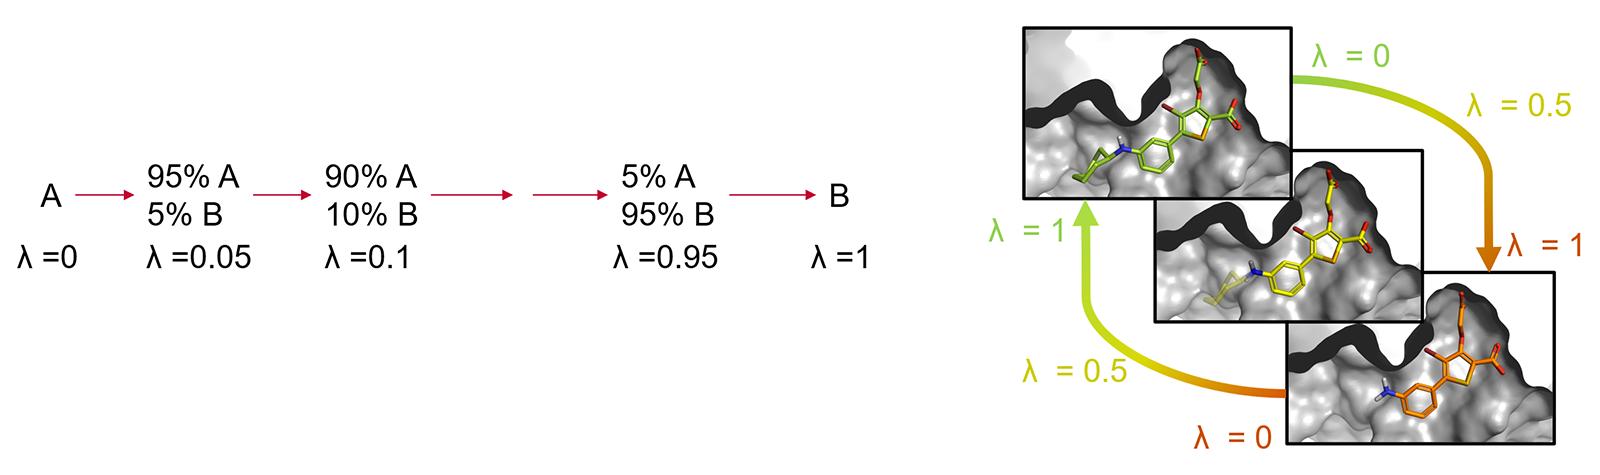 图2. 配体A到B的炼金术转化经由一系列非物理中间体结构